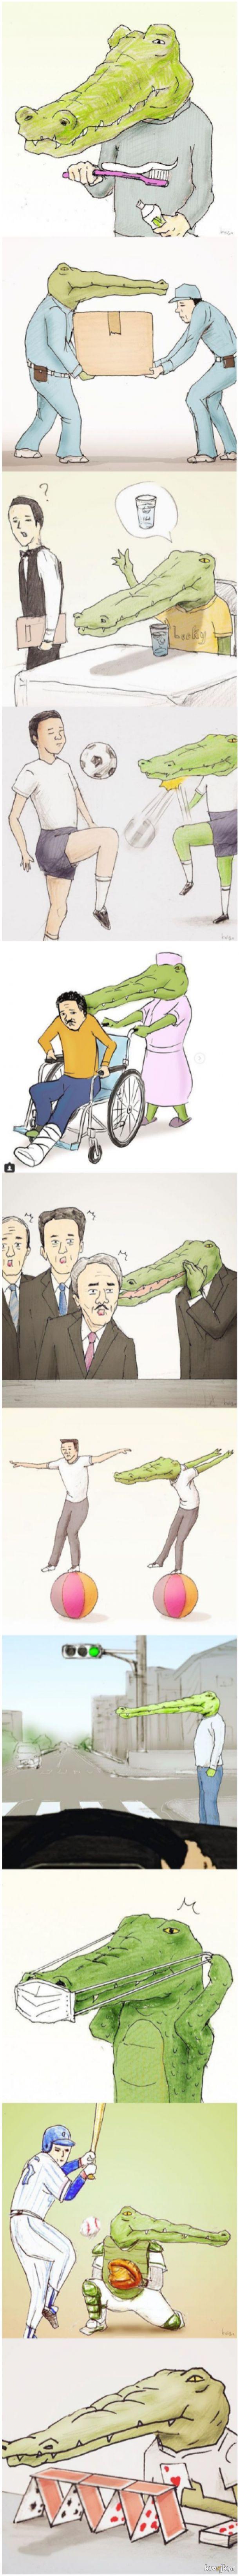 Komiks o ciężkim życiu krokodyla w dzisiejszych czasach